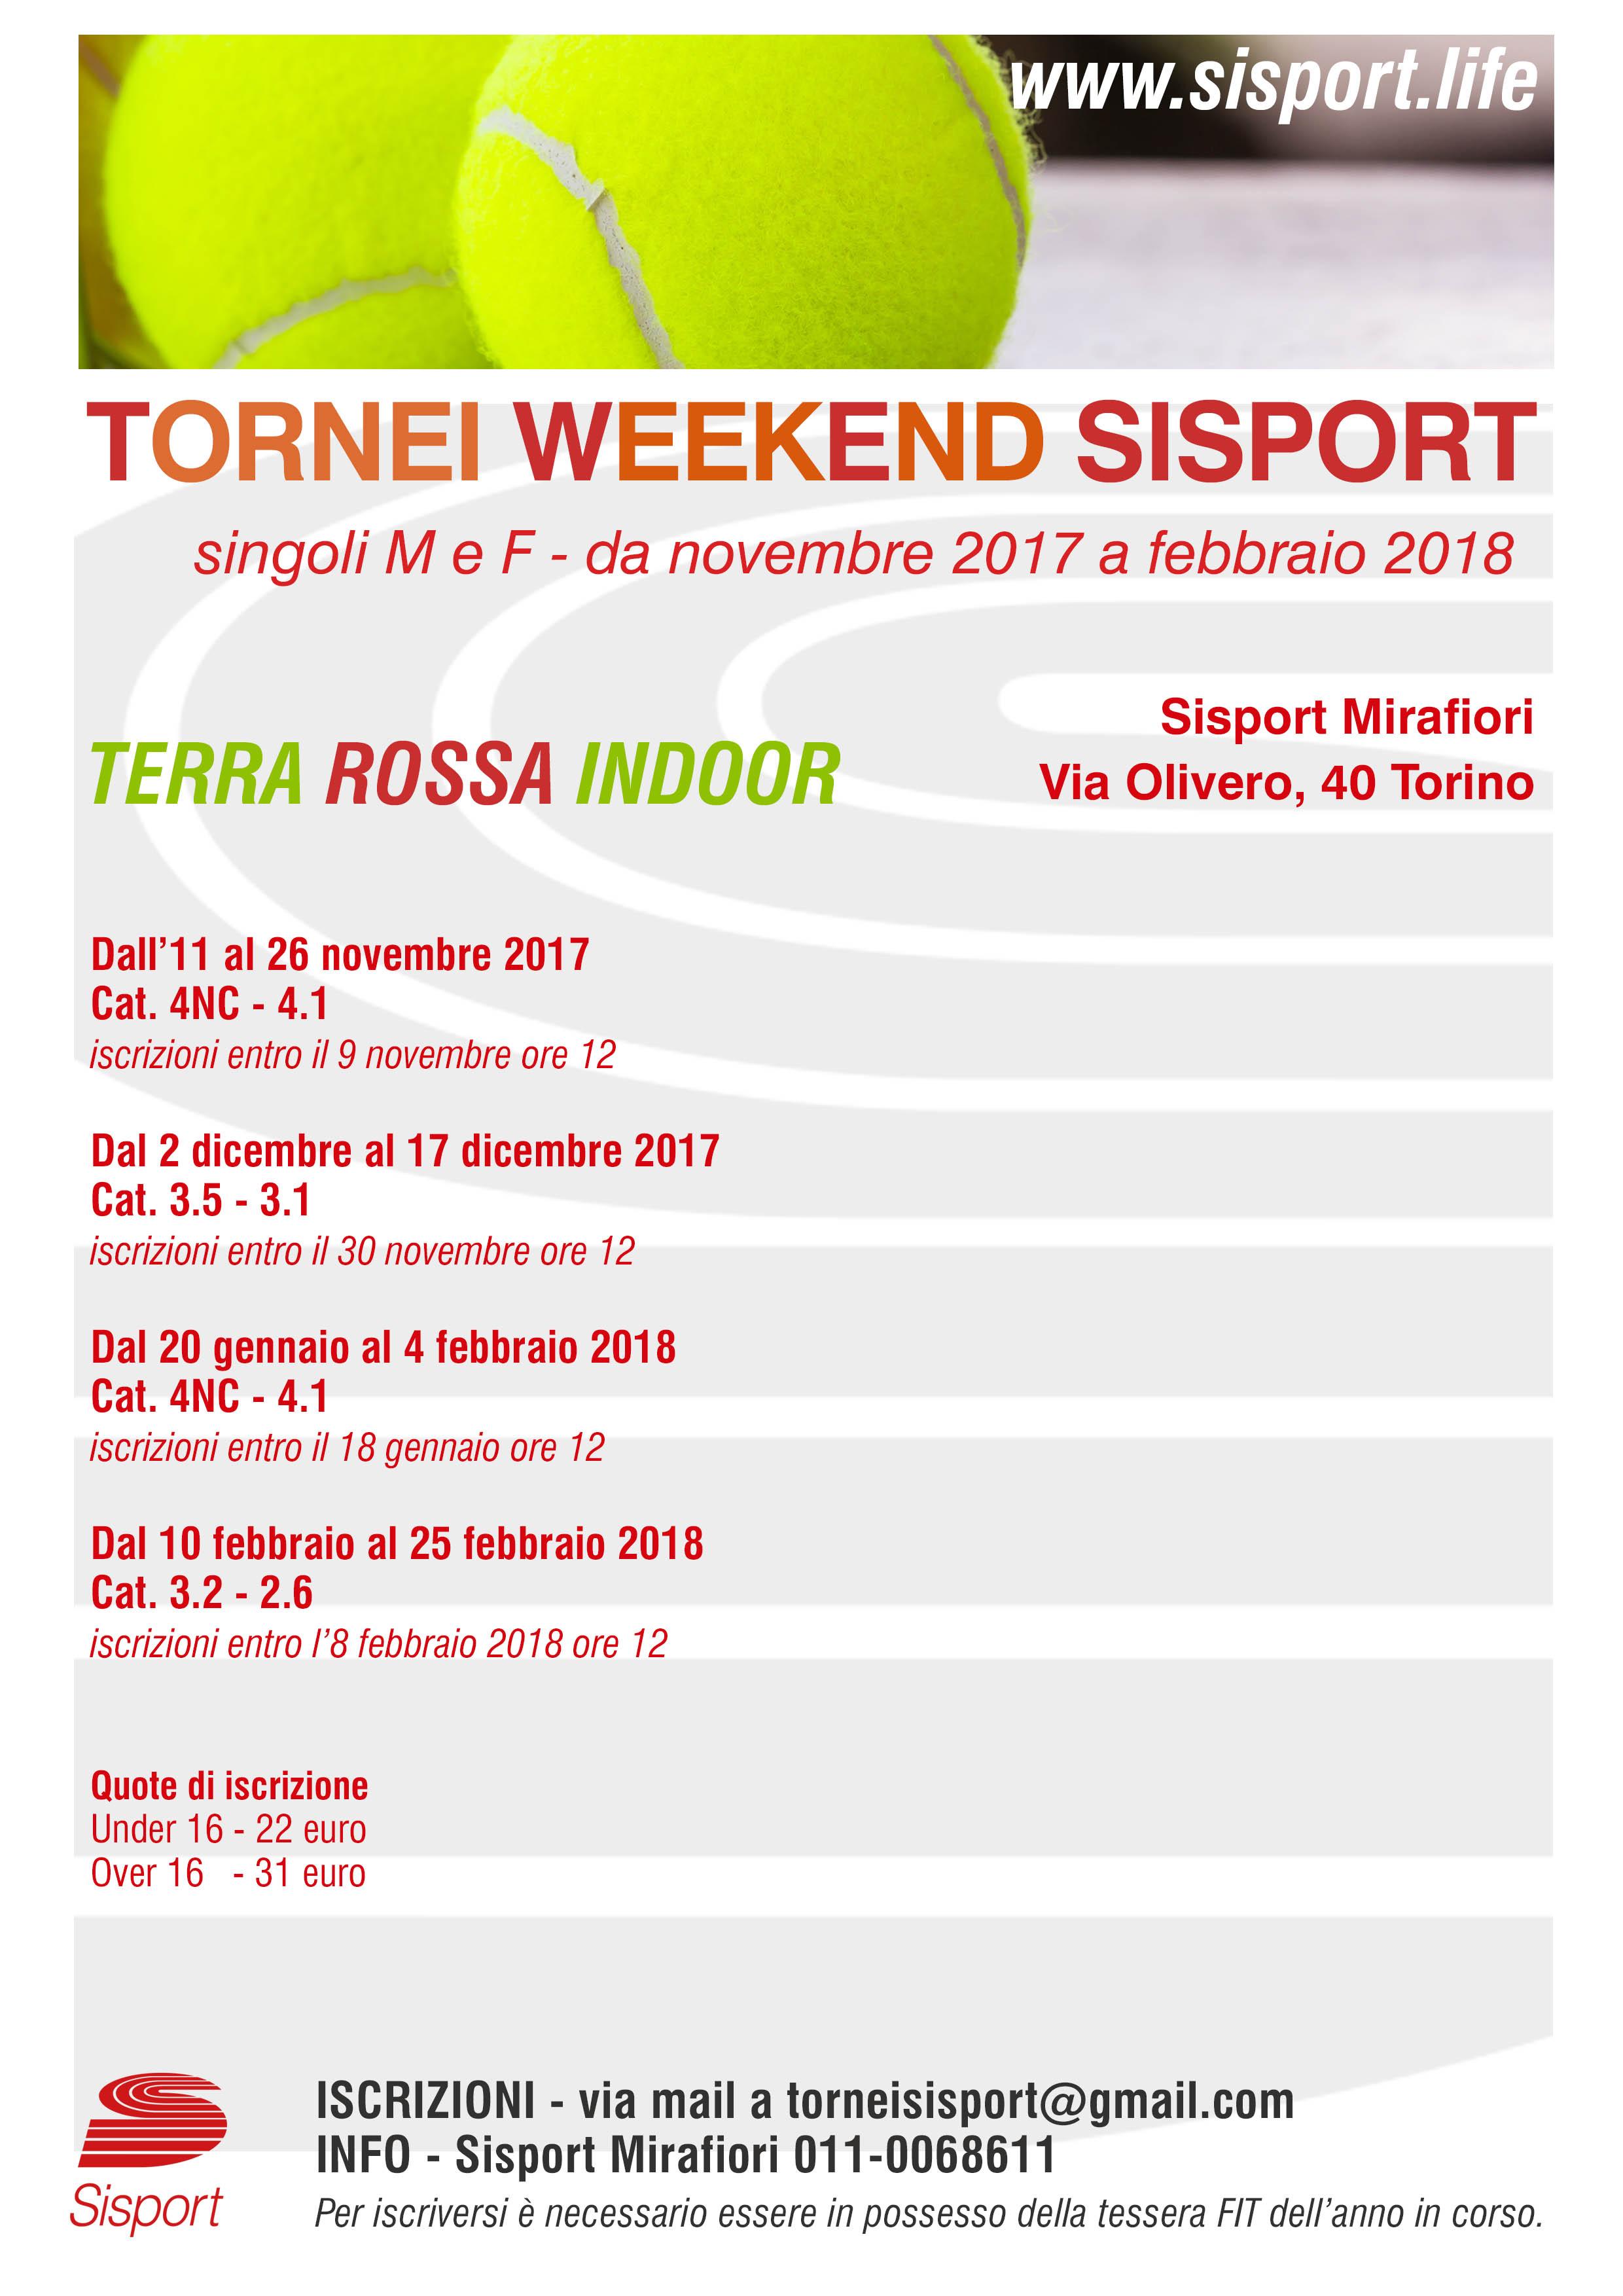 Fit Calendario Tornei.Sisport Tornei Weekend Sisport